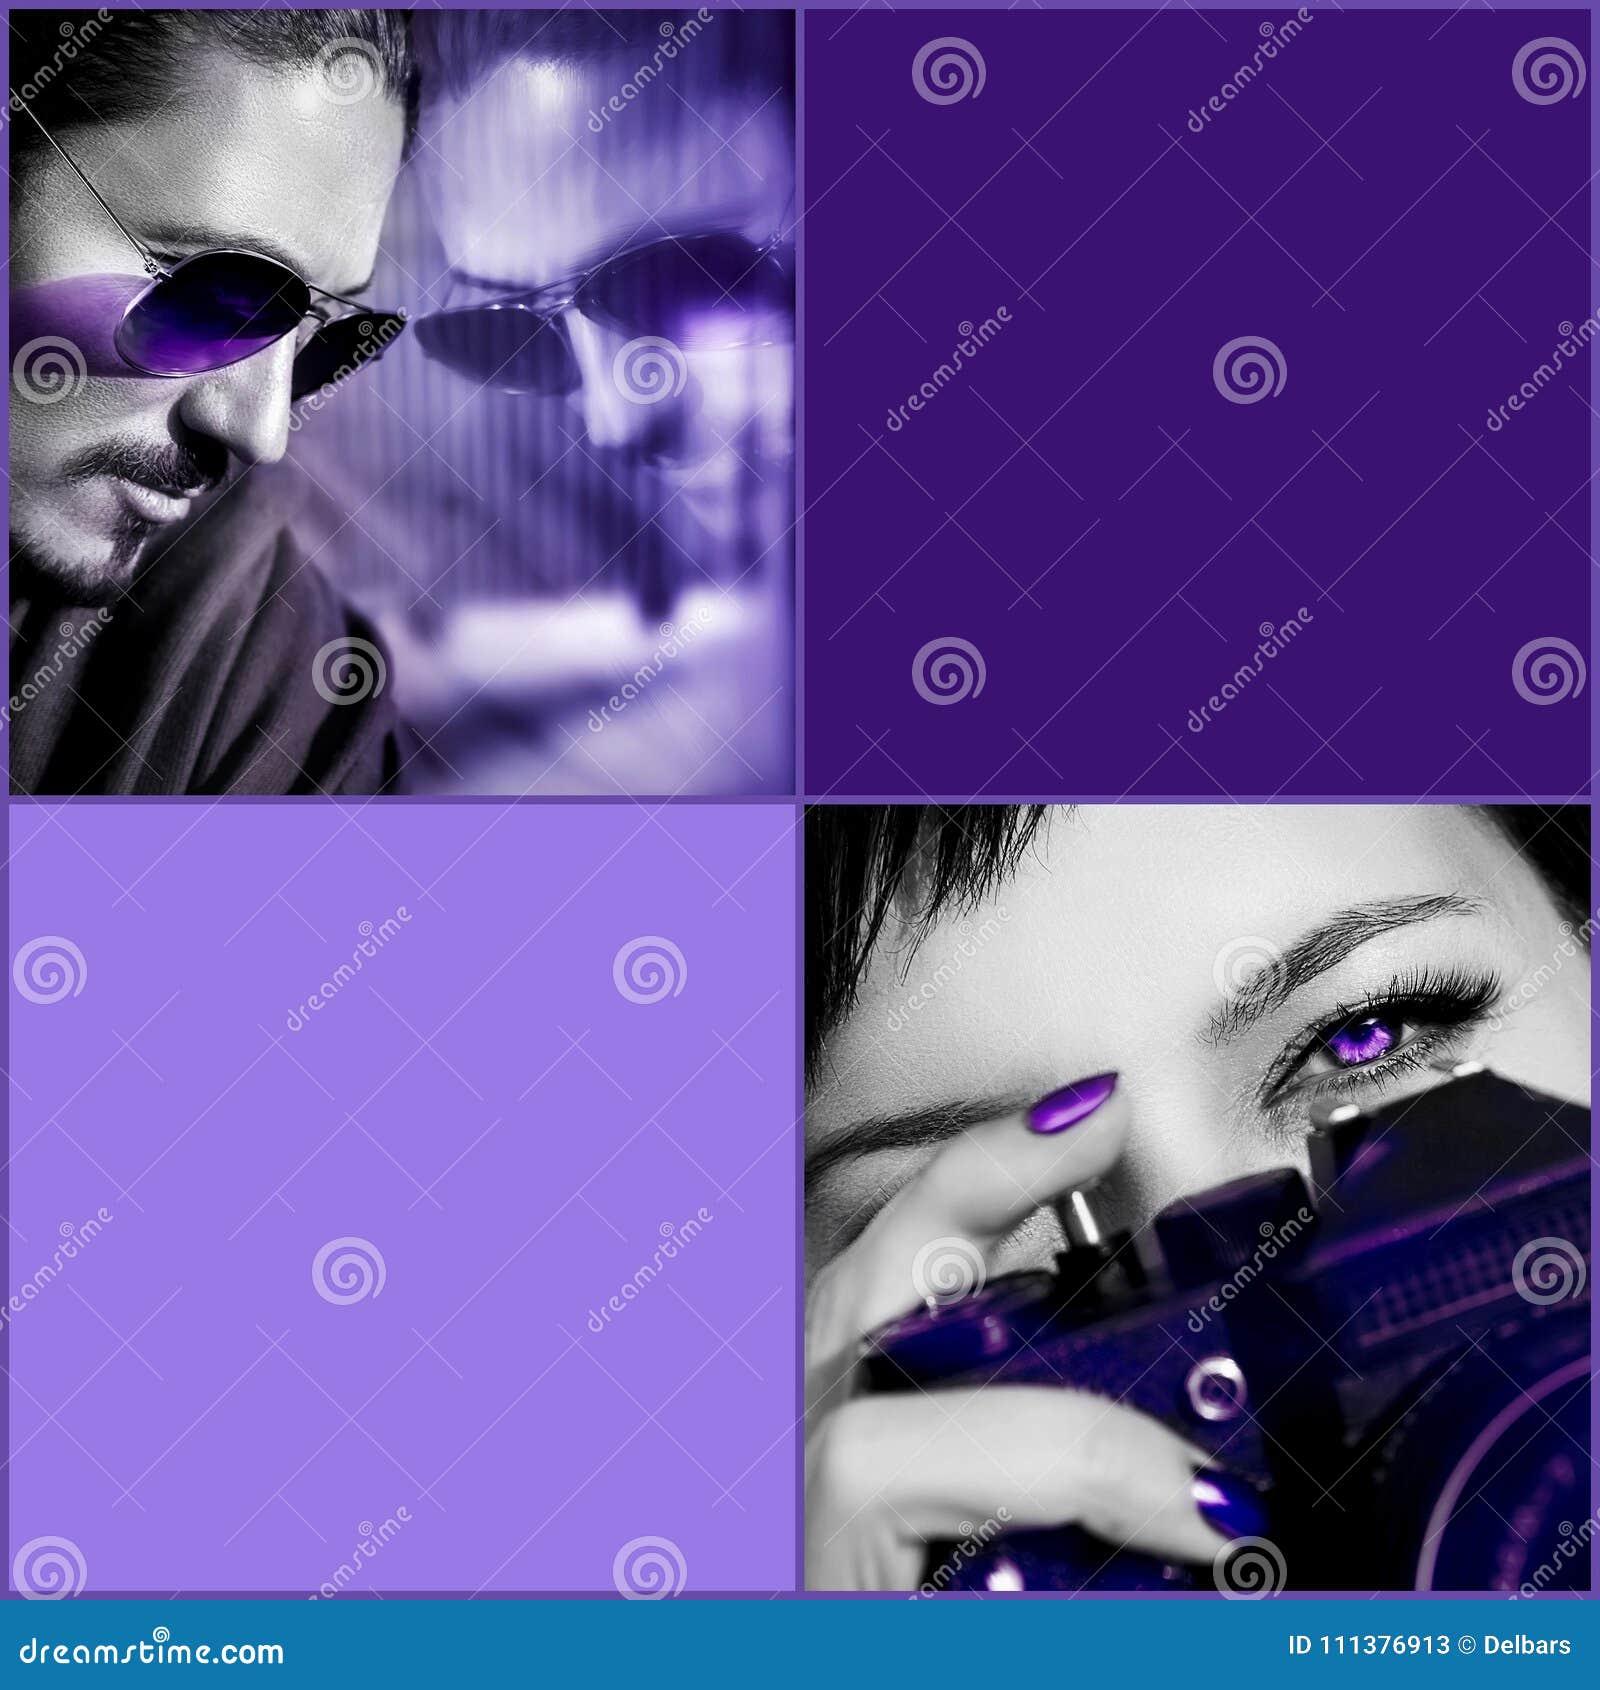 Ultraviolett sammansatt bild Man i solglasögon, kvinna med kameran mot purpurfärgad bakgrund Sammansatt bild med svartvitt